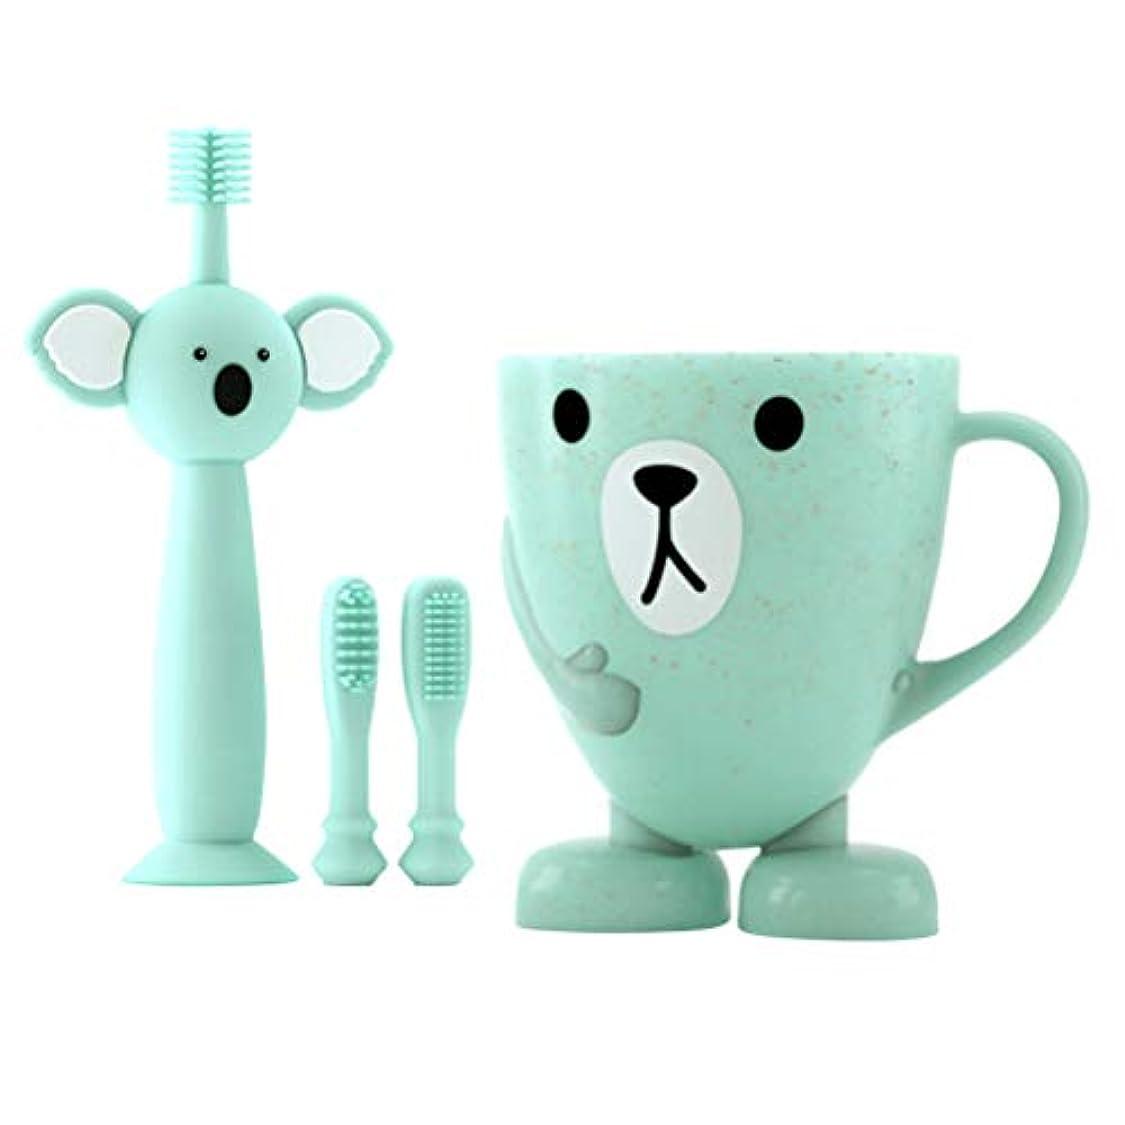 落とし穴文字通りオーナーTOYANDONA 赤ちゃんの歯のクリーニングセット幼児シリコン歯ブラシ2個付き交換用ブラシヘ??ッドカップ4個